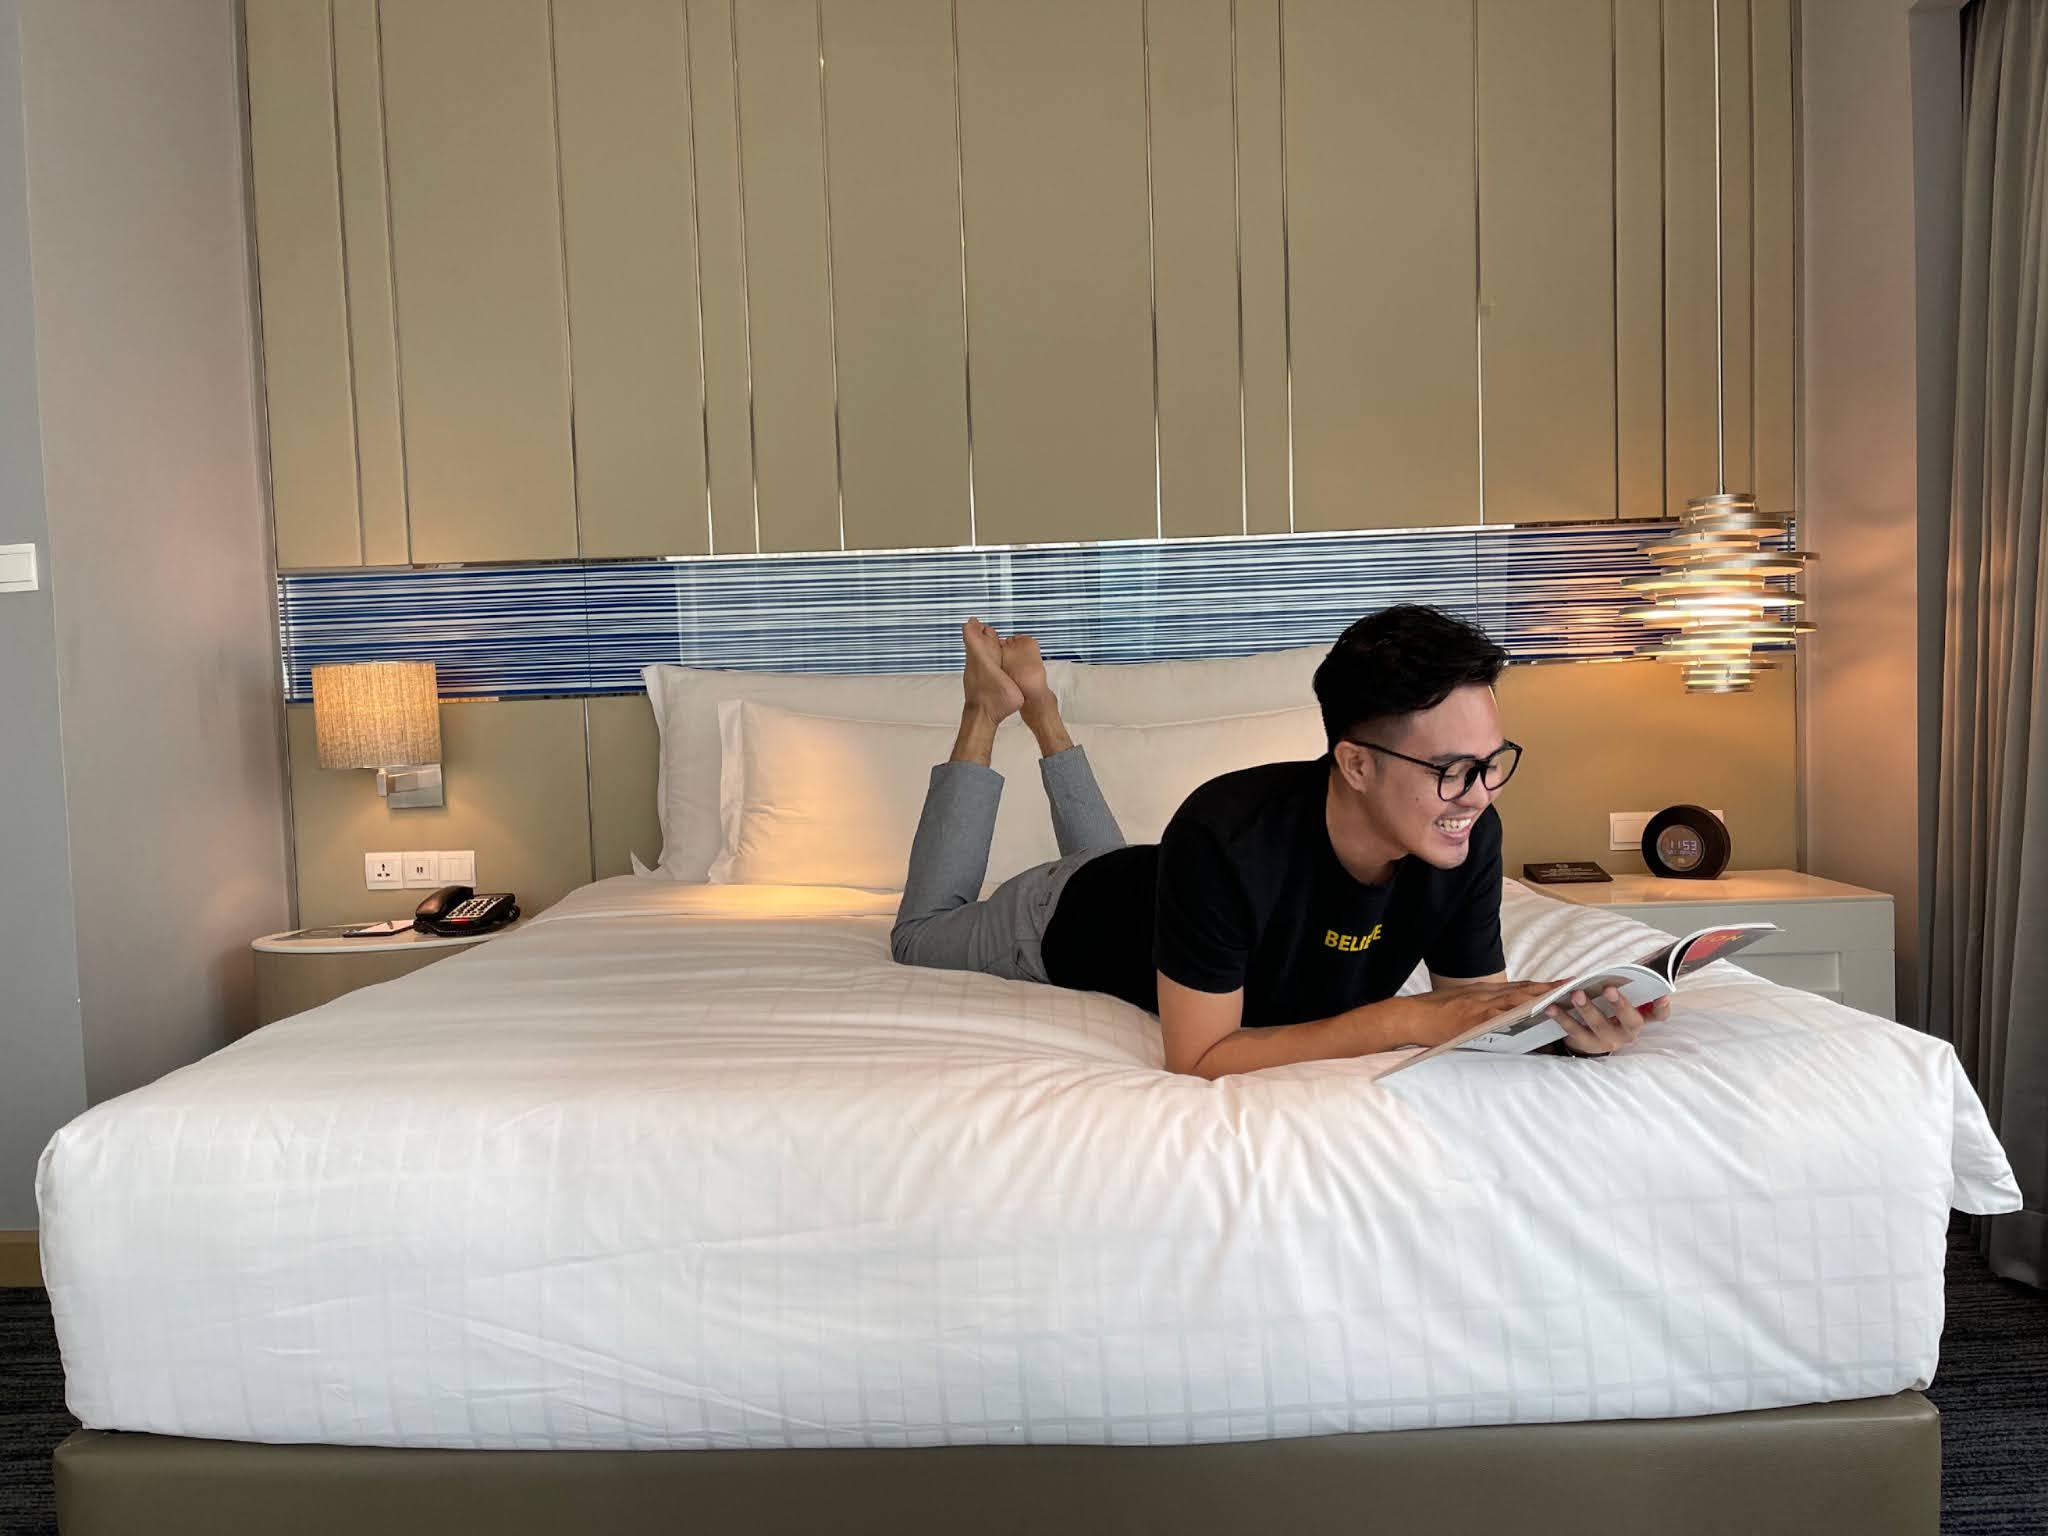 SENARAI HOTEL MENARIK UNTUK BULAN MADU (HONEYMOON) DI MALAYSIA